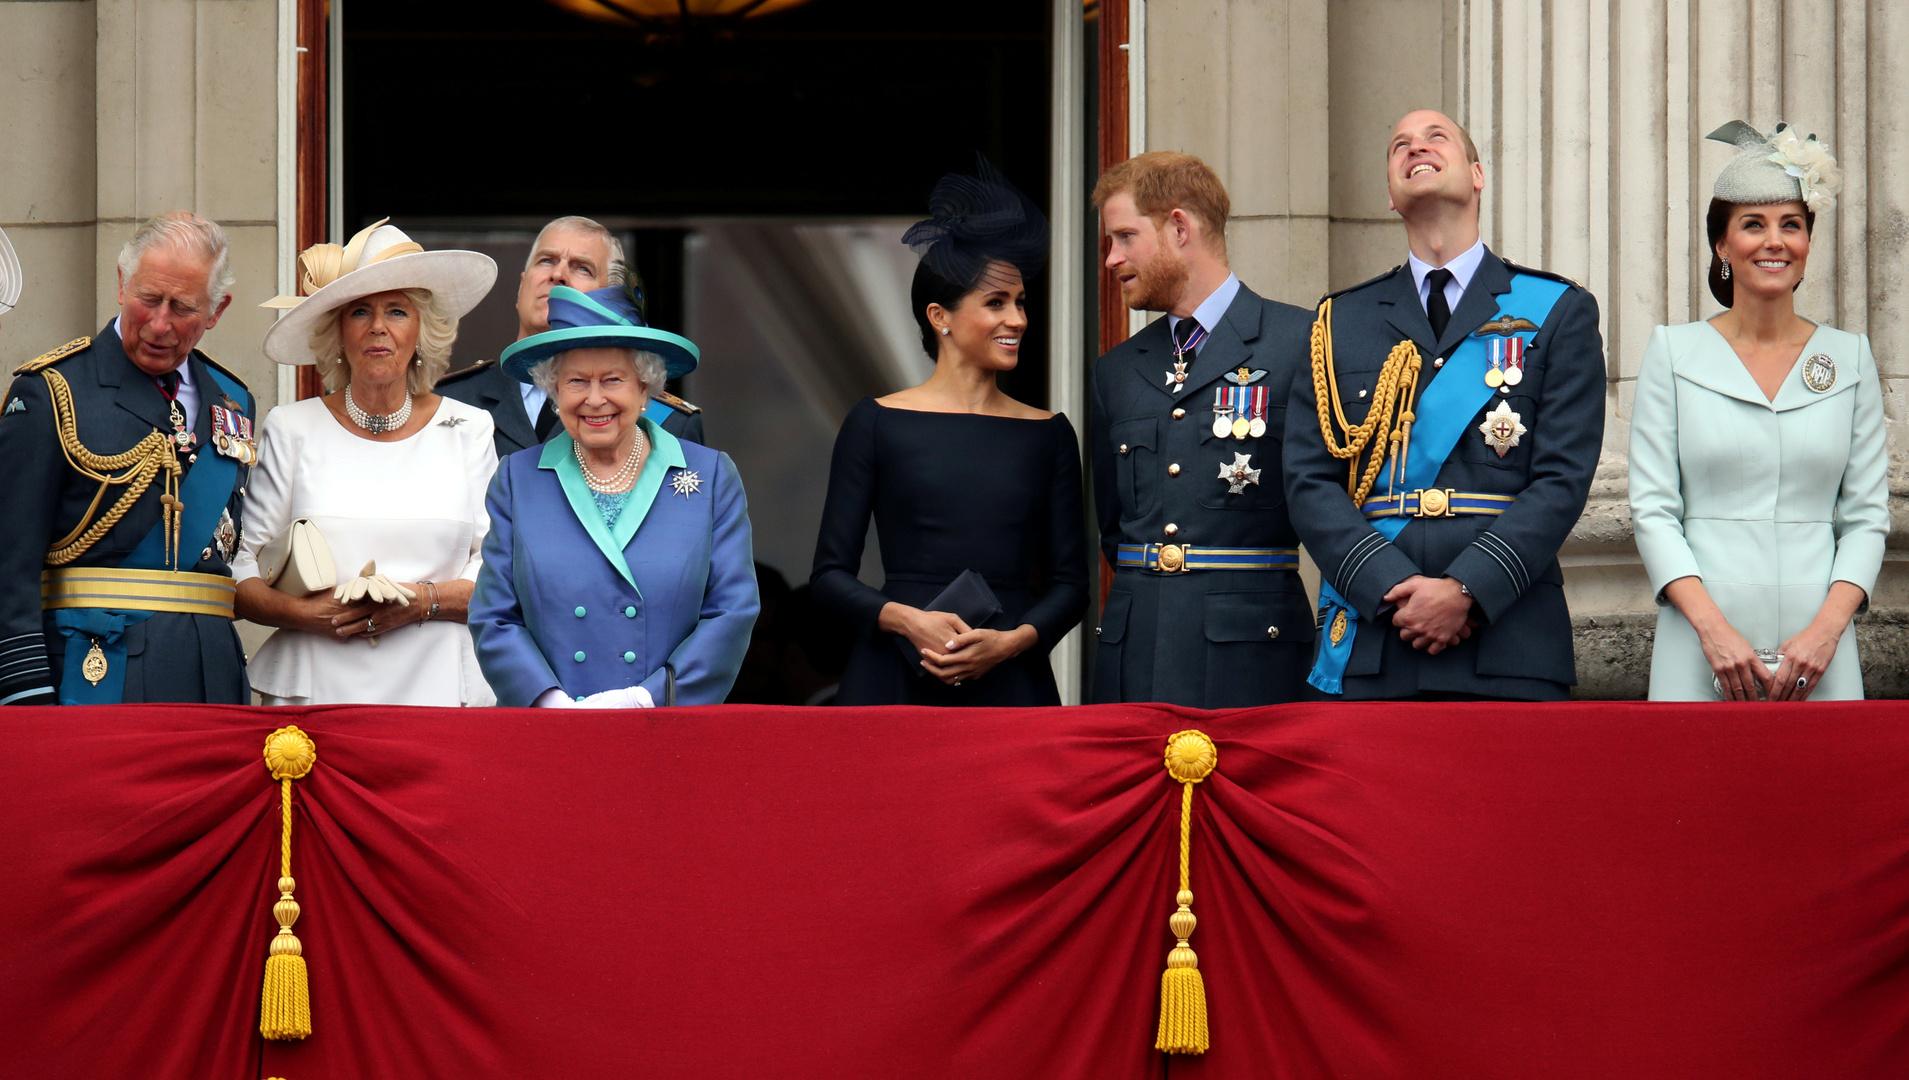 بريطانيا.. العائلة المالكة تستعين بشركة قانونية لإجراء تحقيق بشأن مزاعم ميغان حول التنمر على ابنها